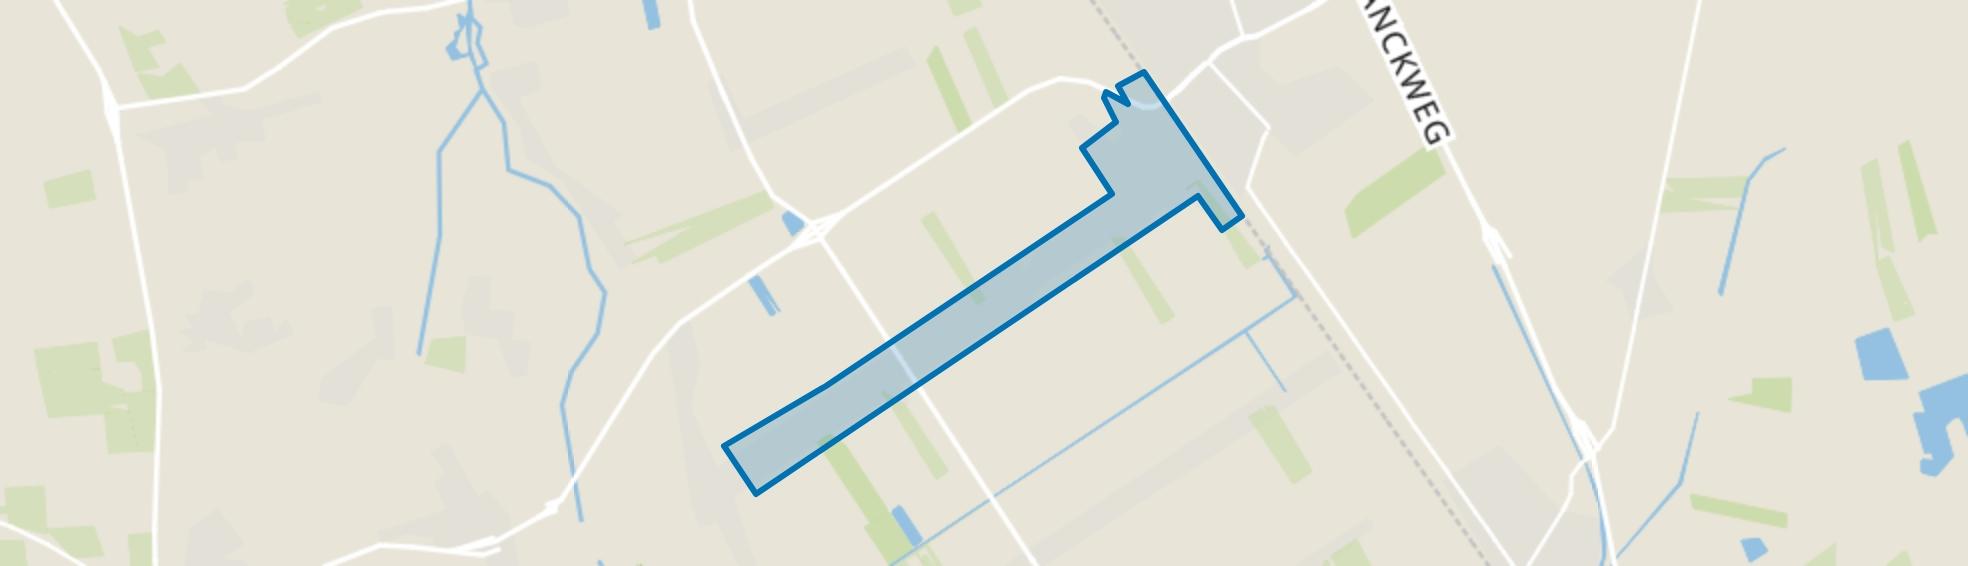 Nieuw-Buinen, Nieuw-Buinen map